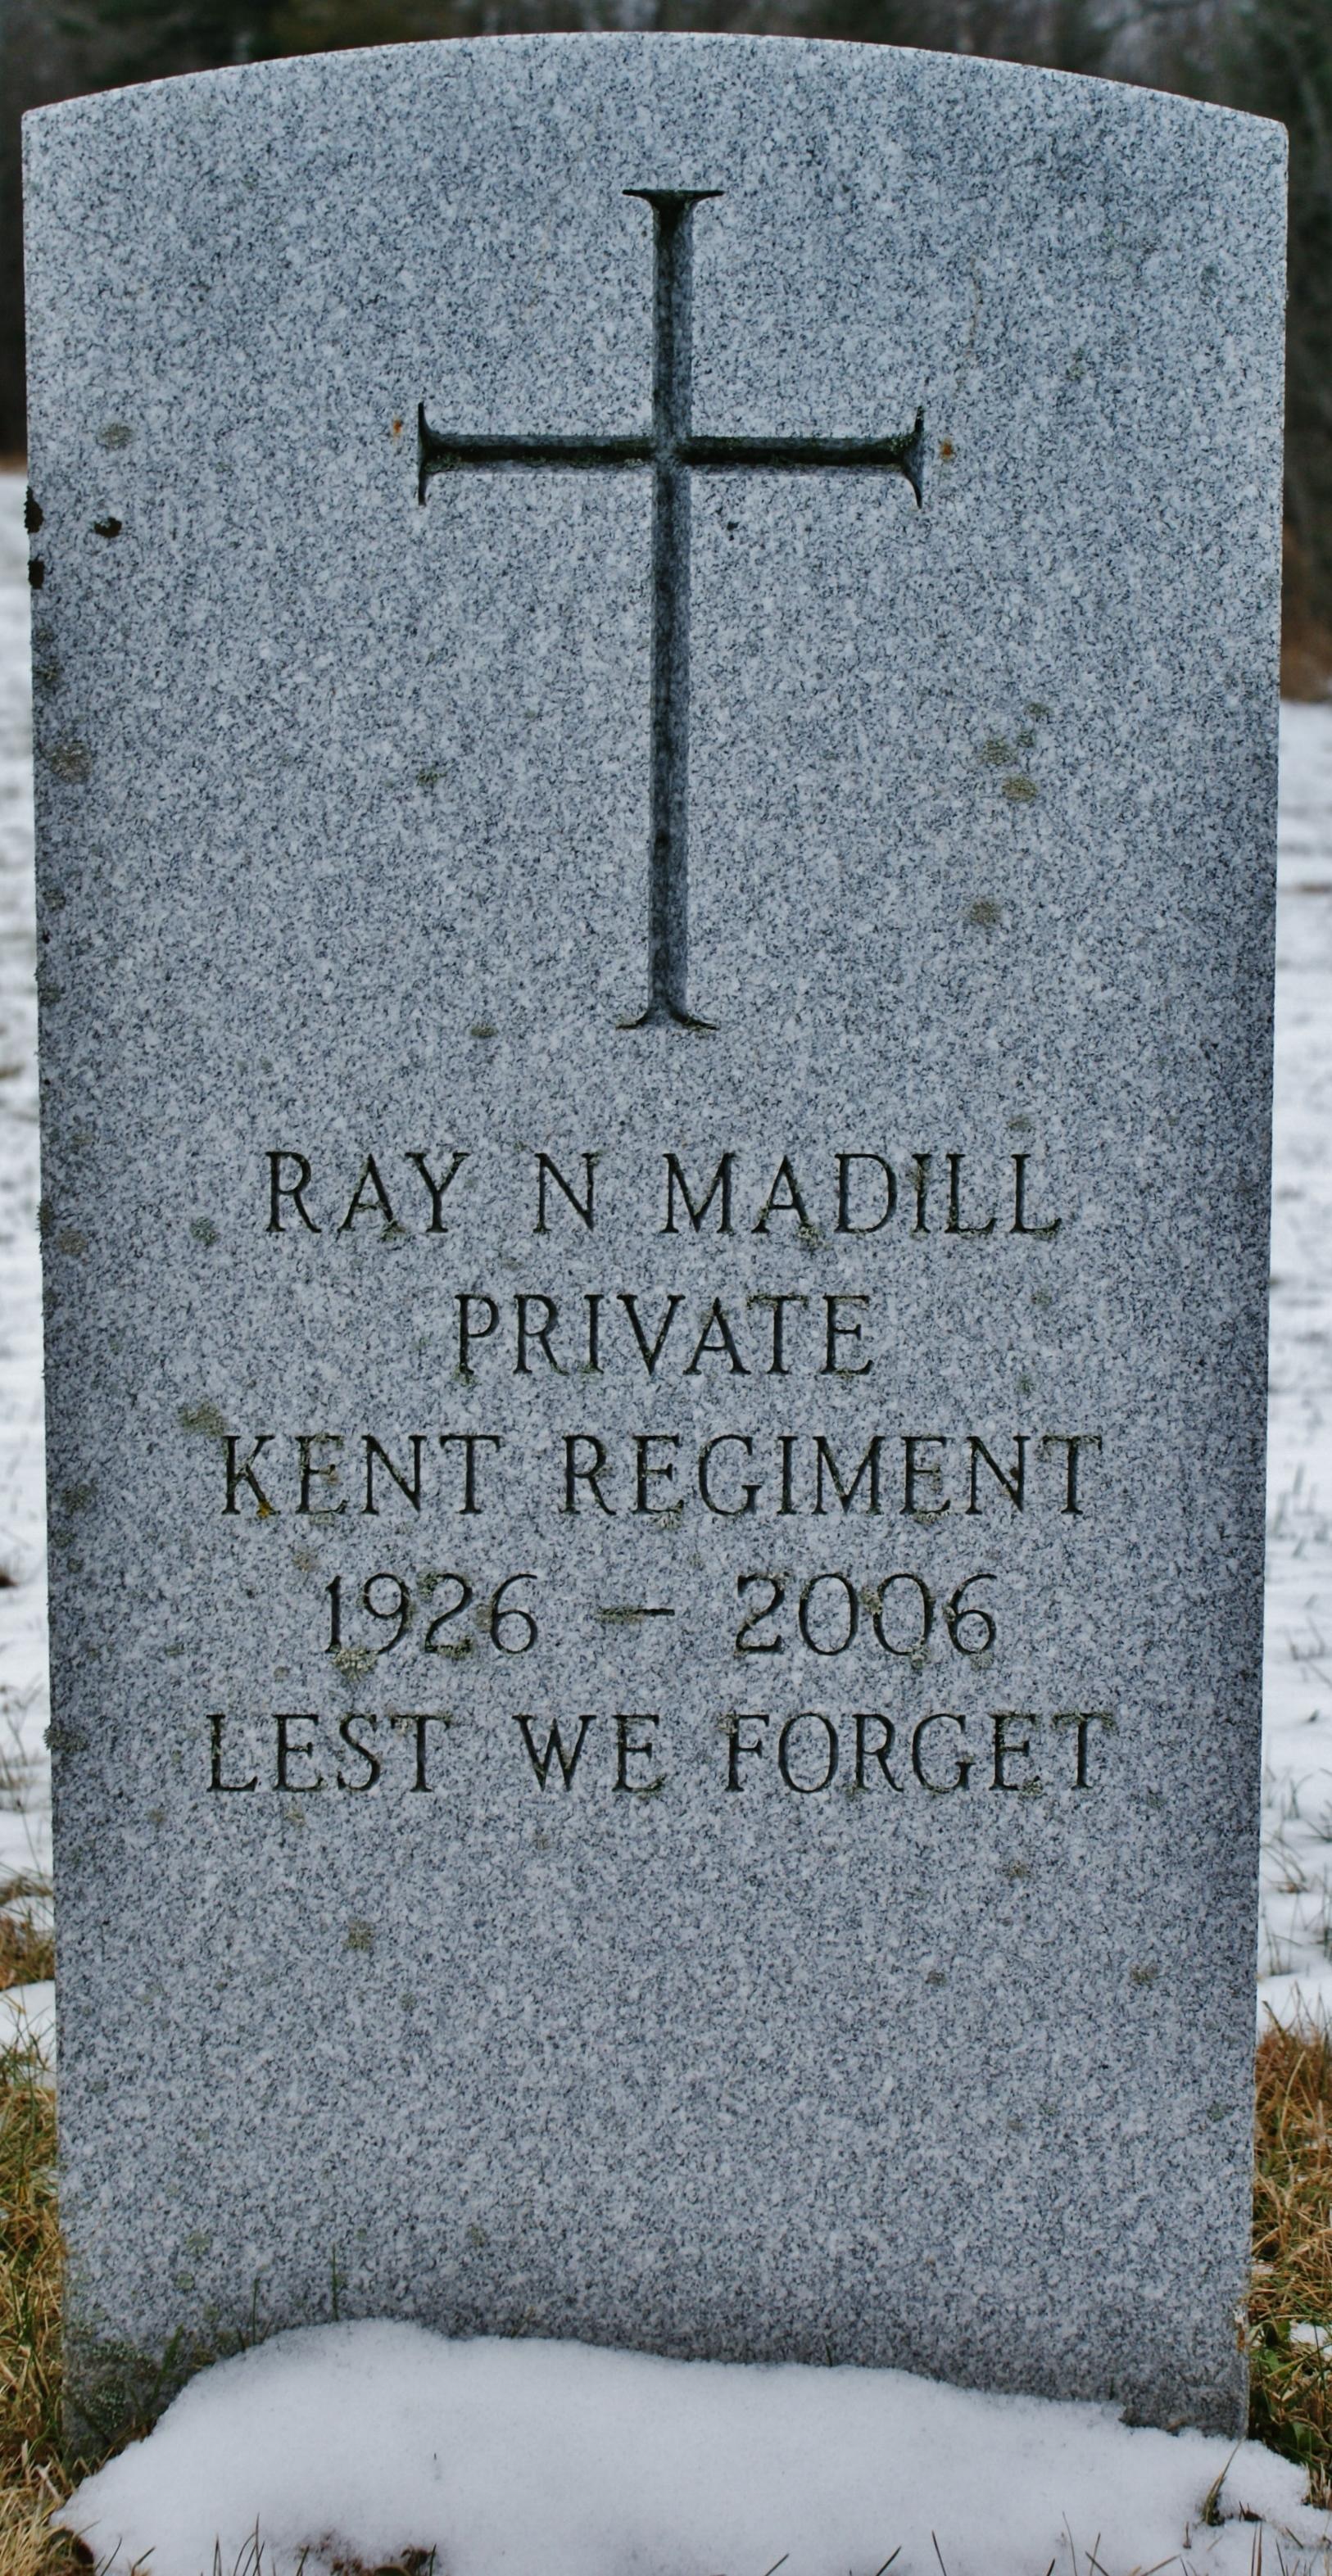 Ray N. Madill